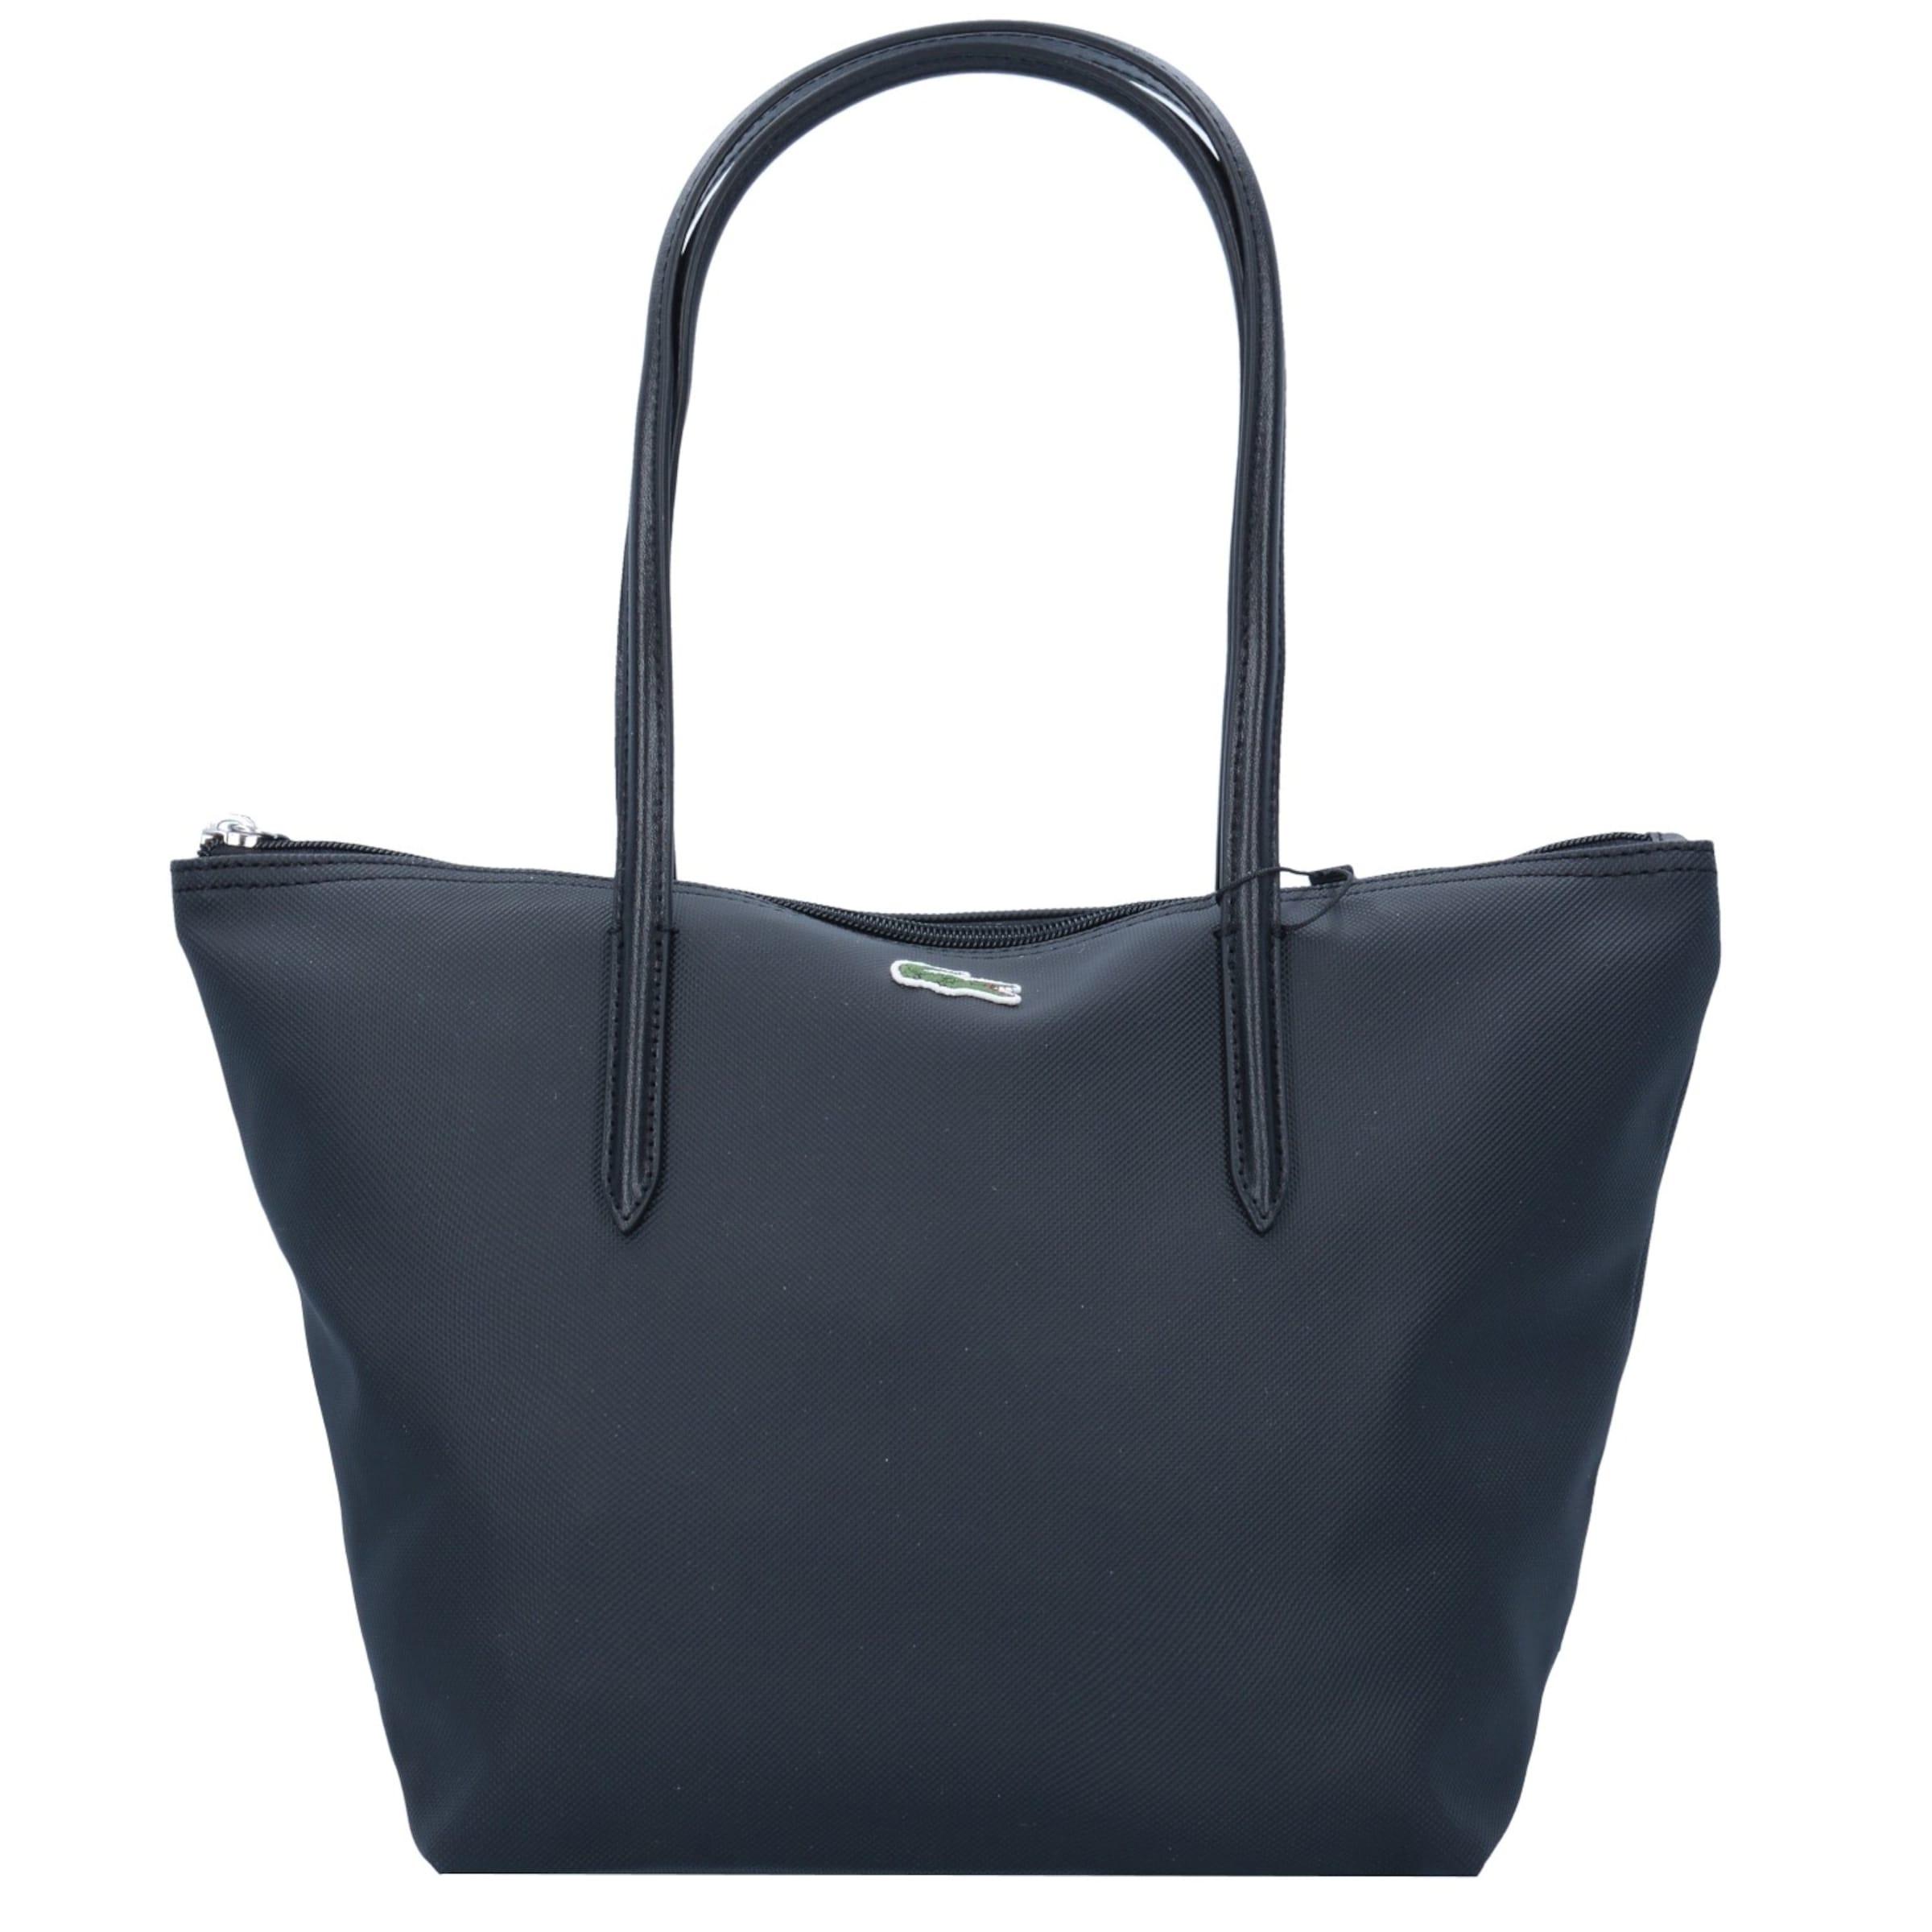 L1212 'sac Bandoulière Lacoste Femme Sac Concept' En Noir EHD29I